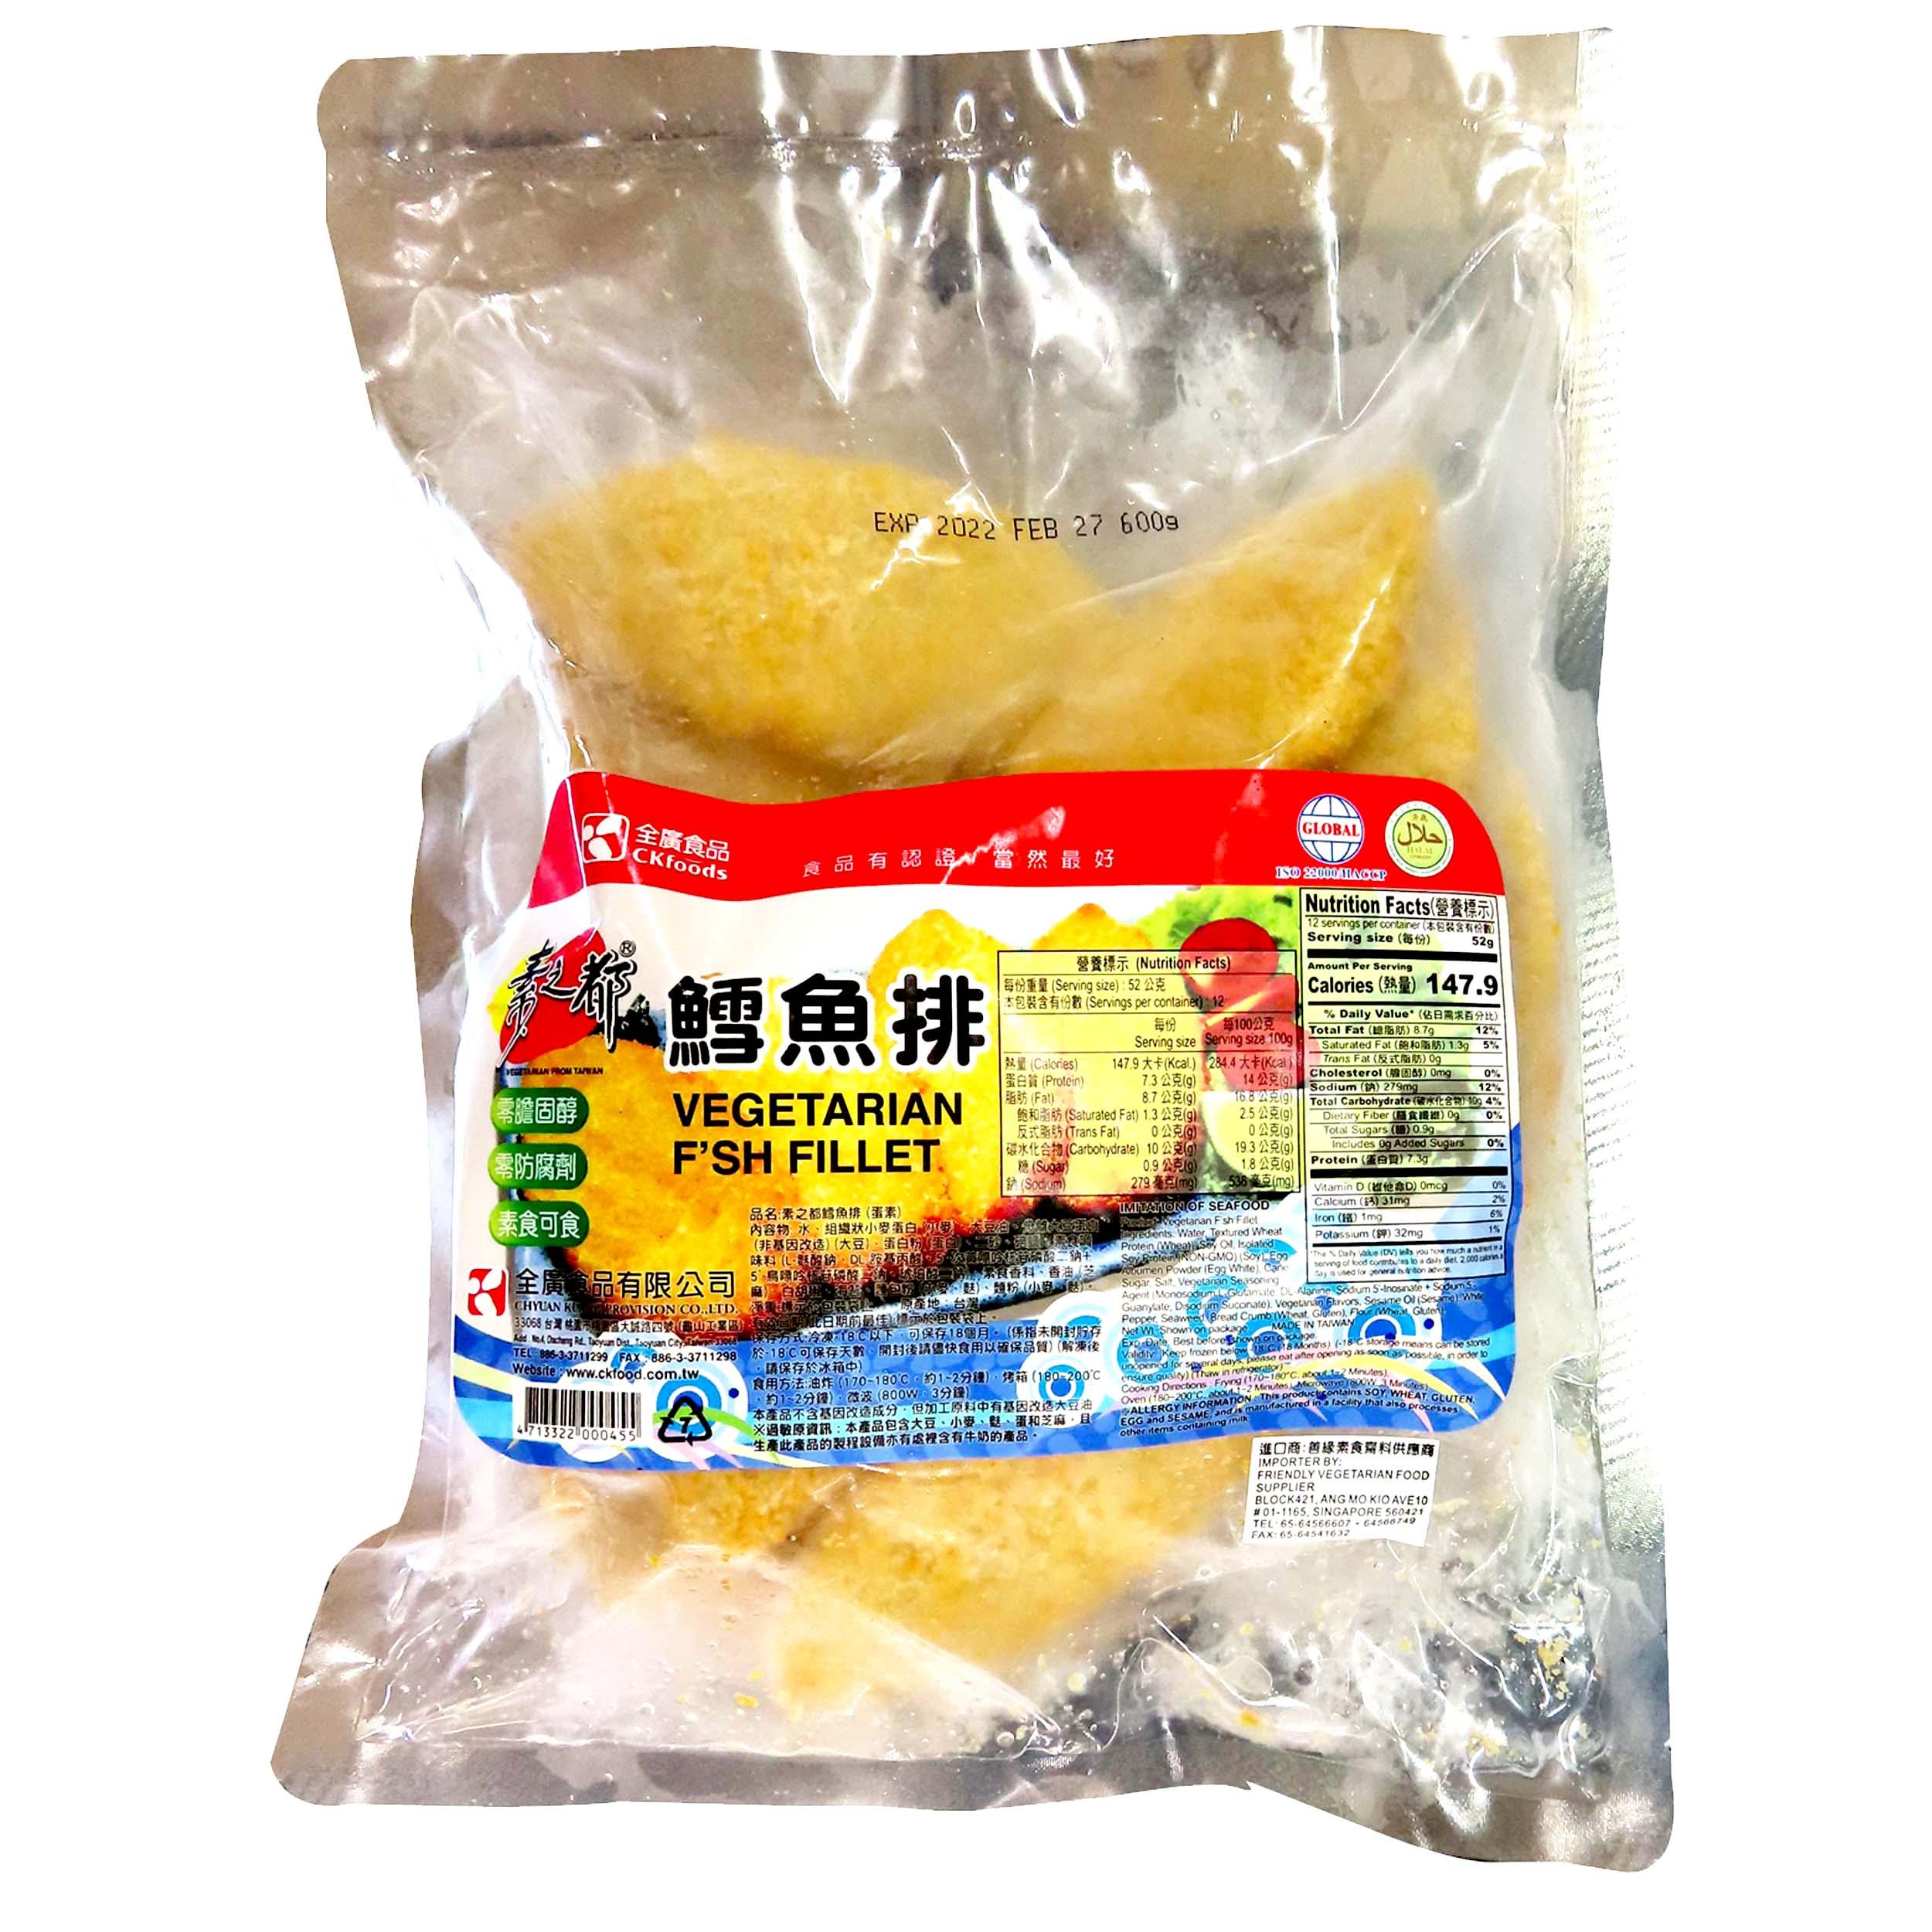 Image Vegetarian Fish Fillet CK Food 全广-鳕鱼排 600grams